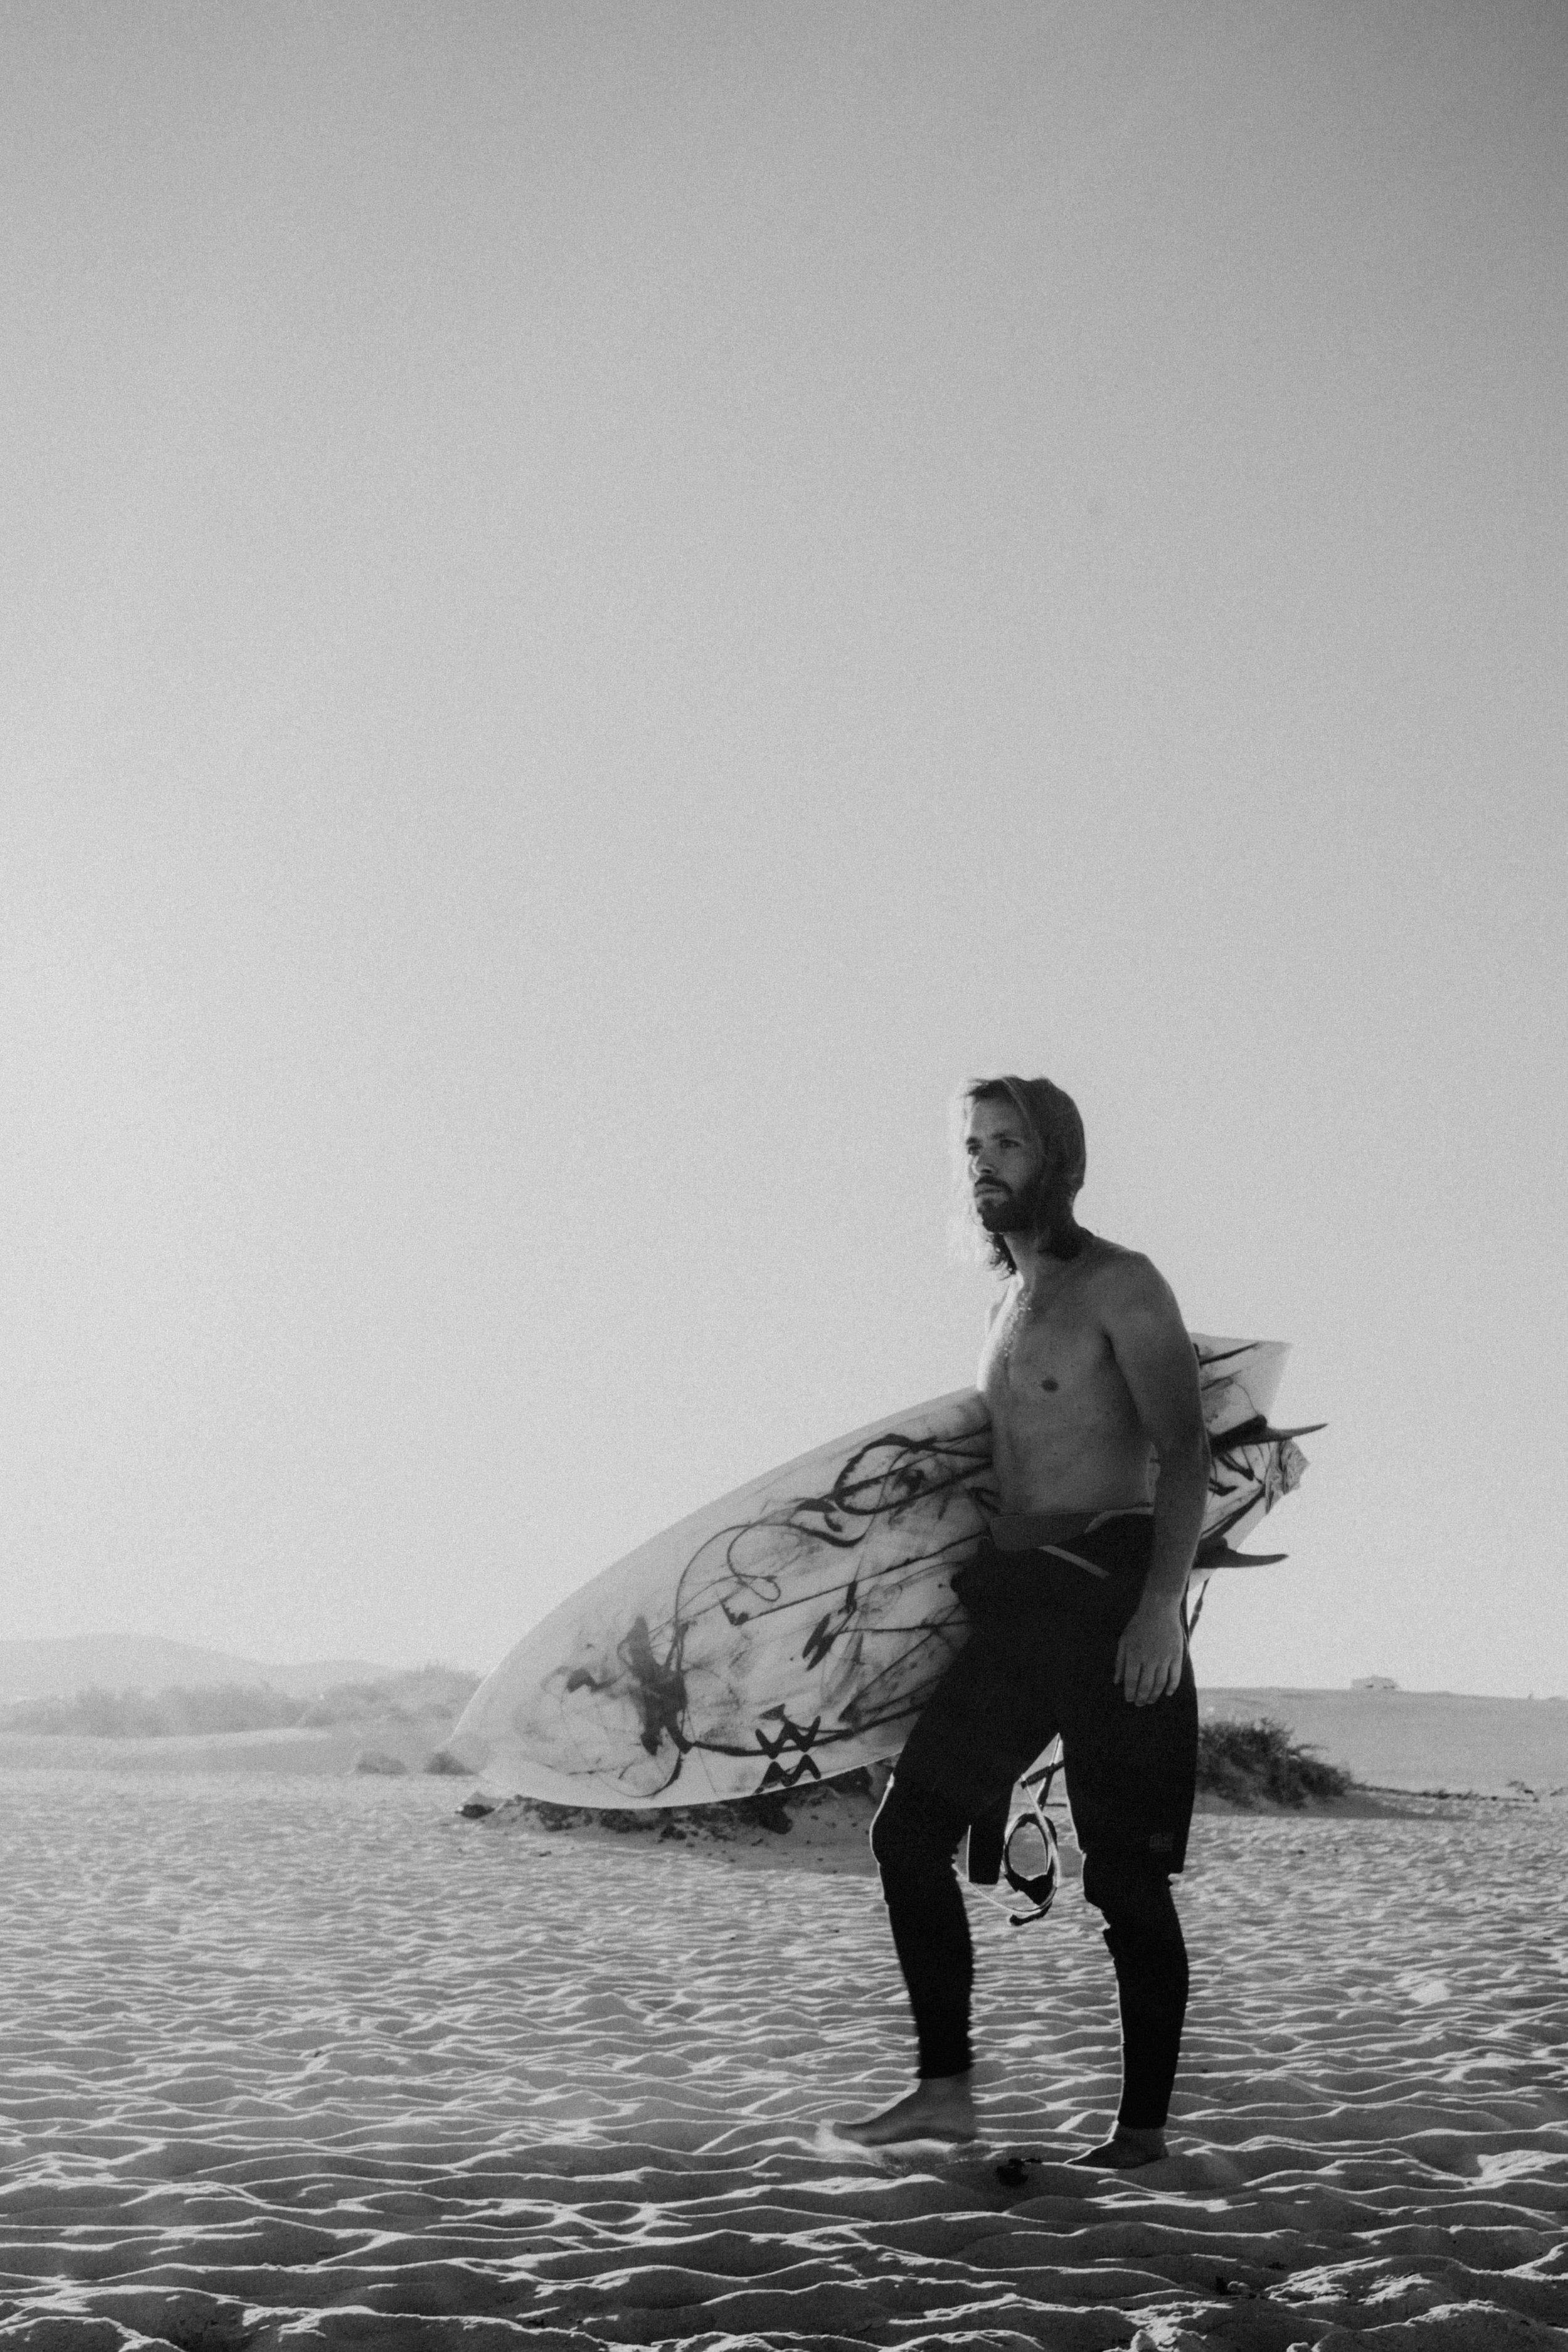 erik_winter_surf_surfing_1024.jpg